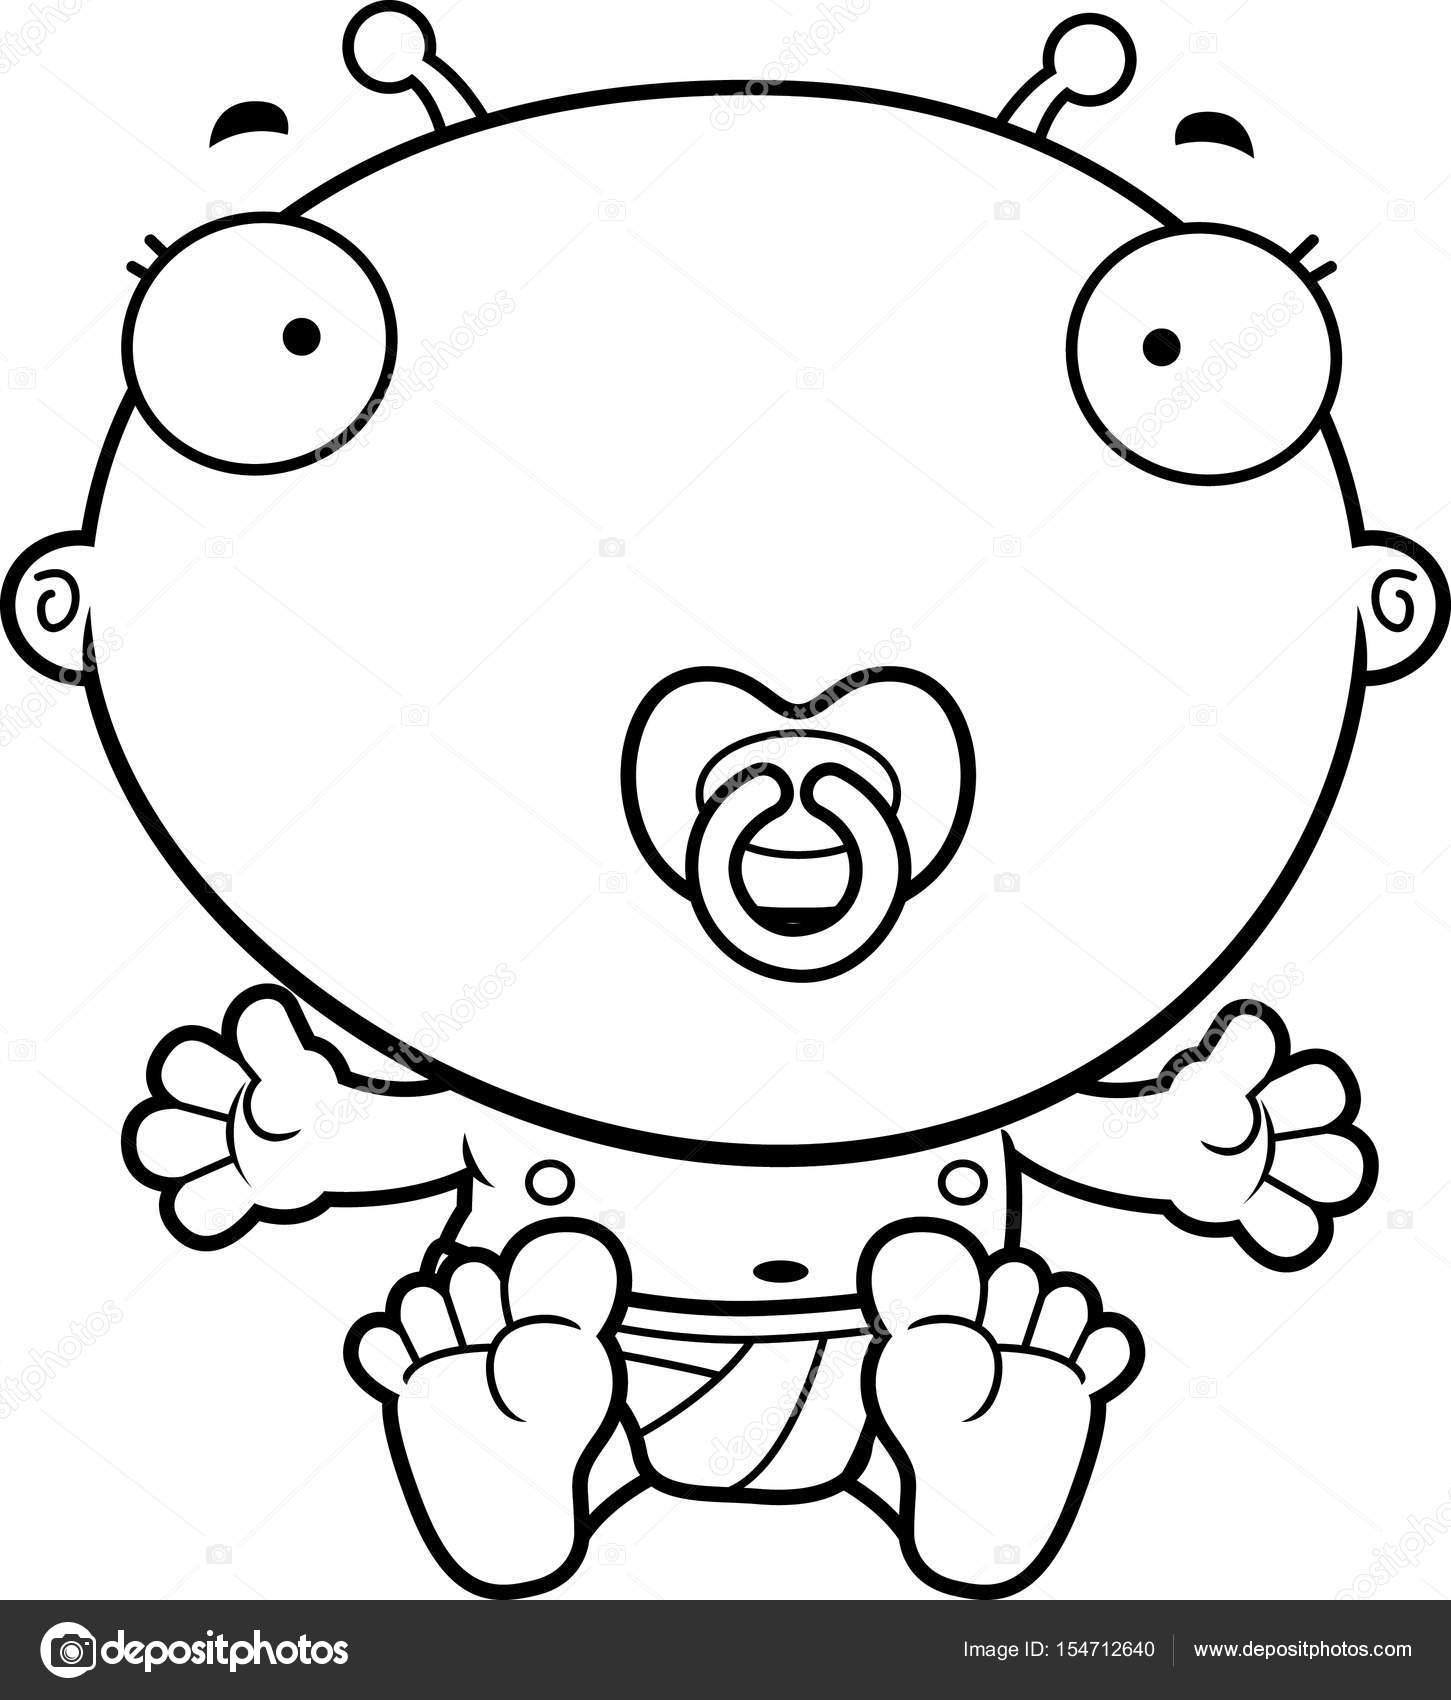 Dessin anim b b alien sucette image vectorielle - Dessin sucette bebe ...